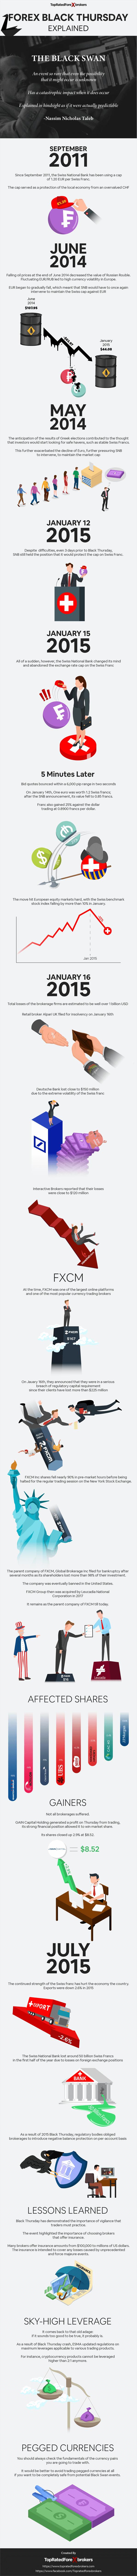 FX Black Thursday Explained-infographic-plaza